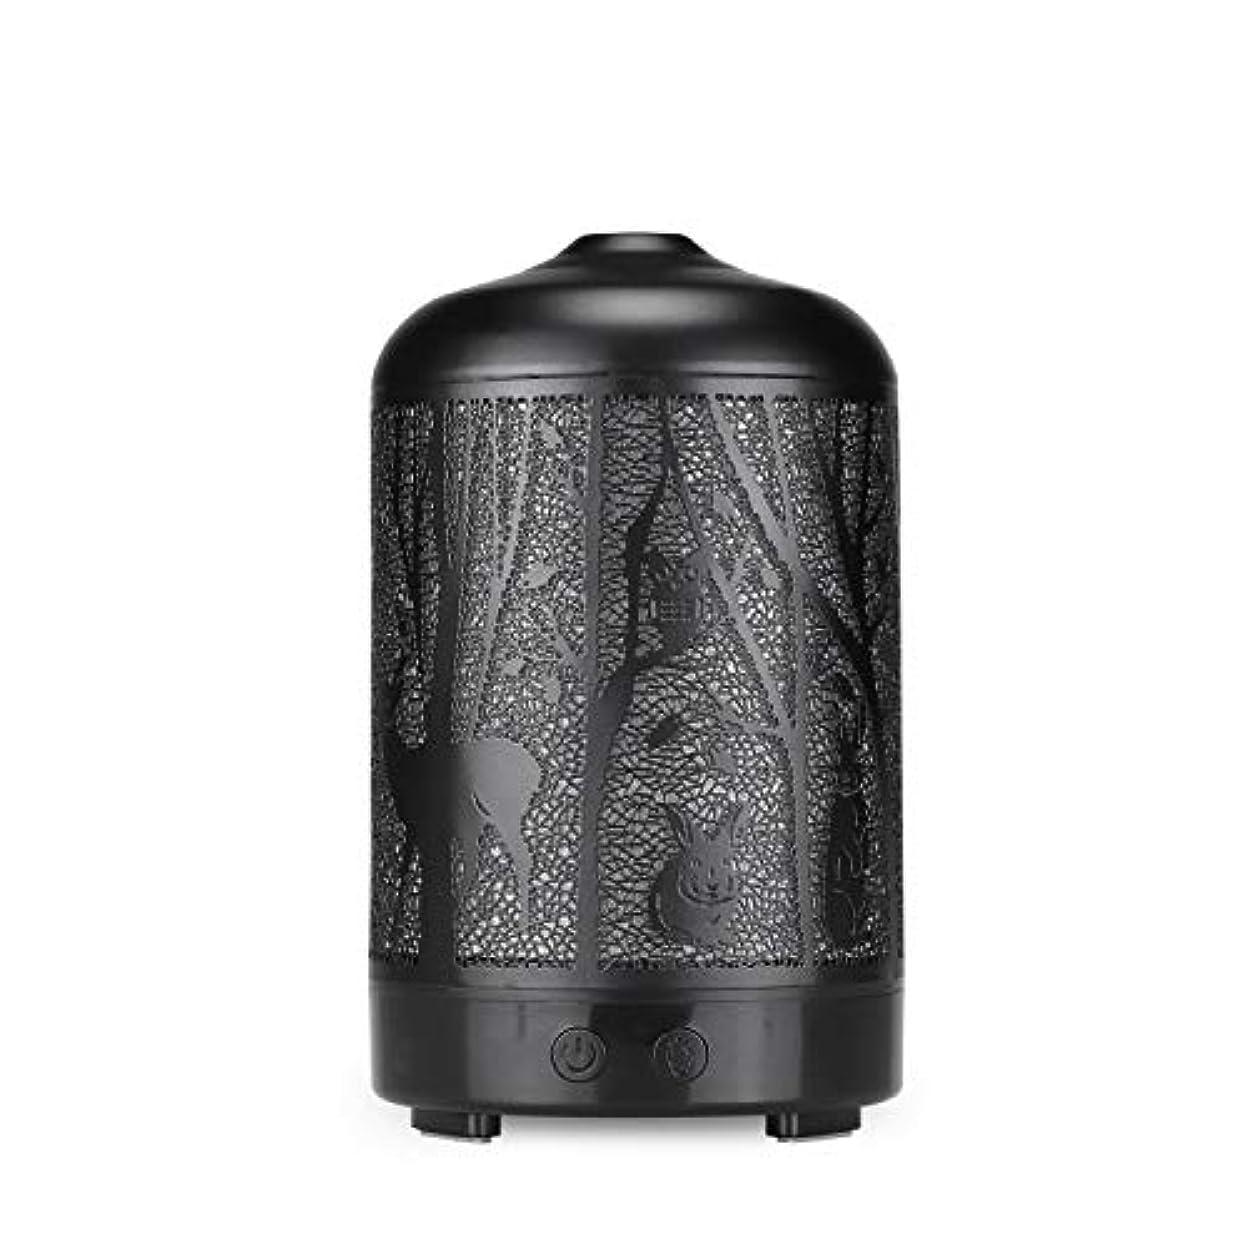 発行文言起きてエッセンシャルオイルディフューザー、100 ml超音波金属ディアーアロマセラピー香り油拡散気化器加湿器